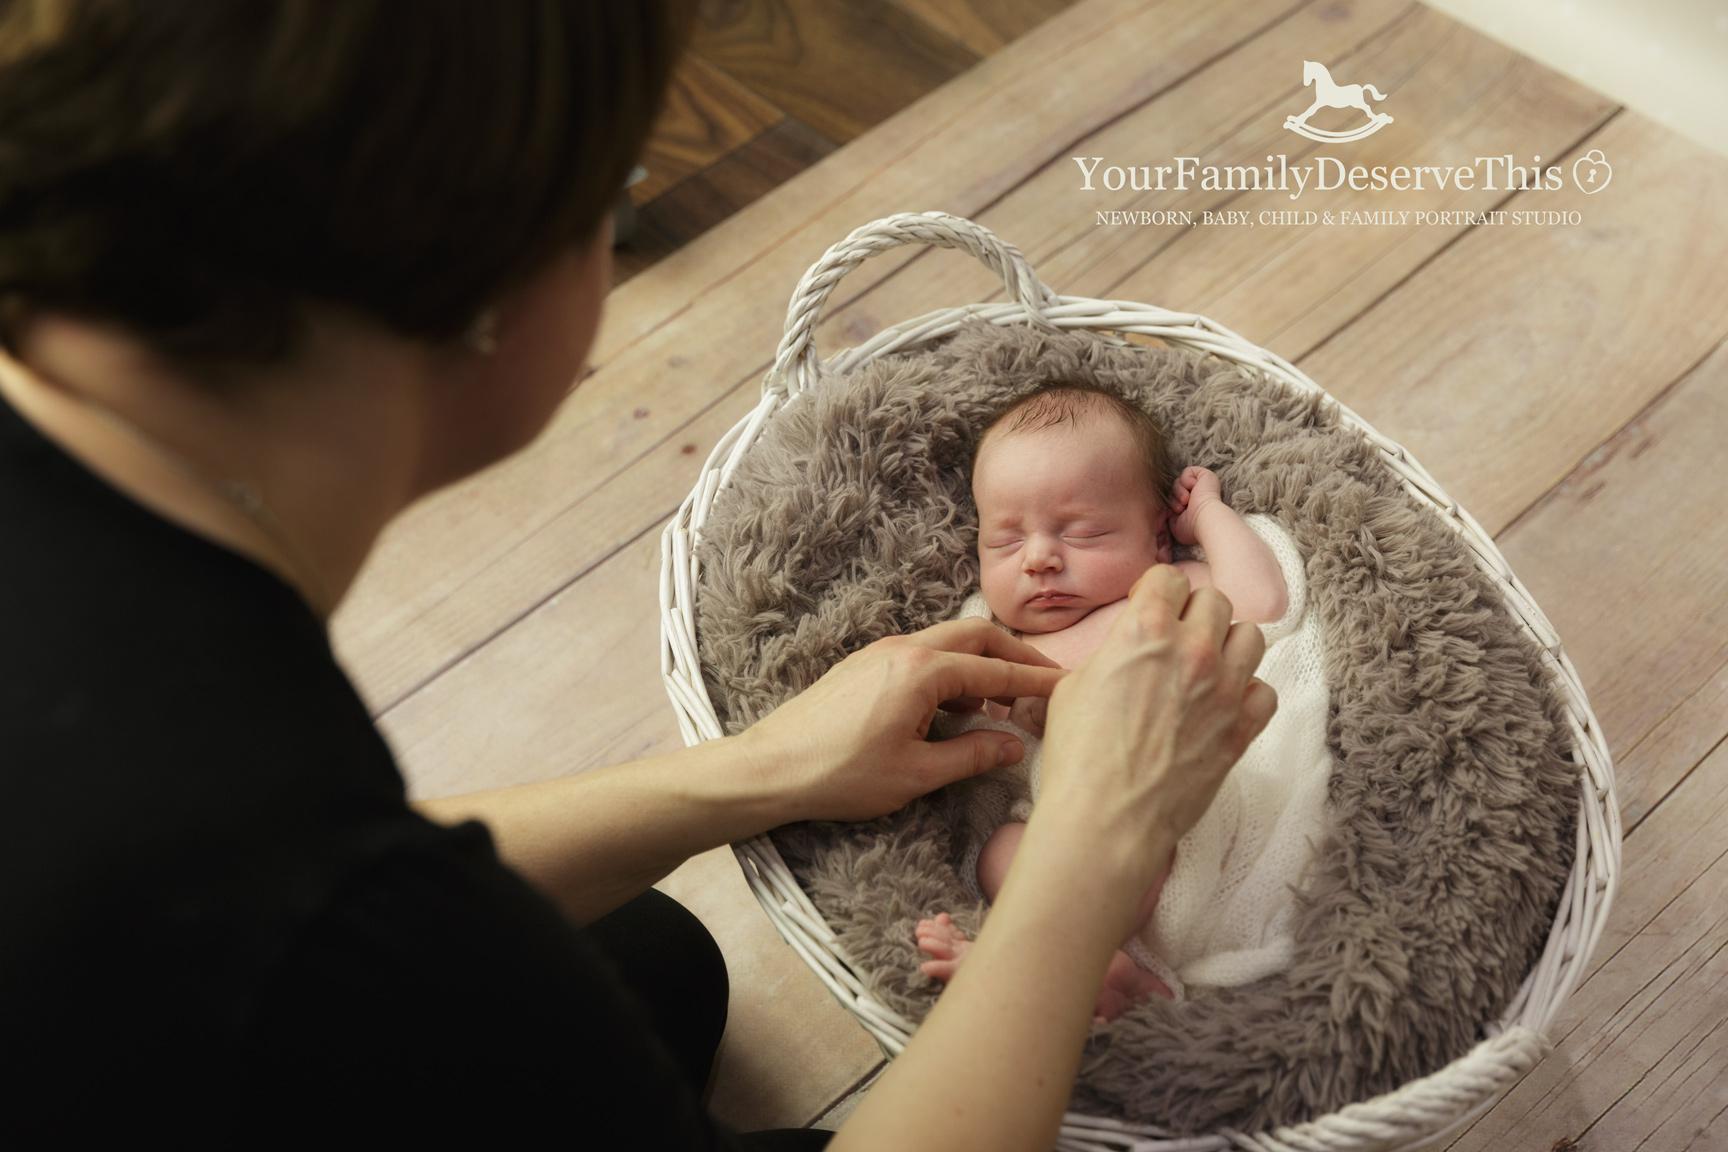 YourFamilyDeserveThis-Newborn-Photographer-Basingstoke-Hampshire_UK